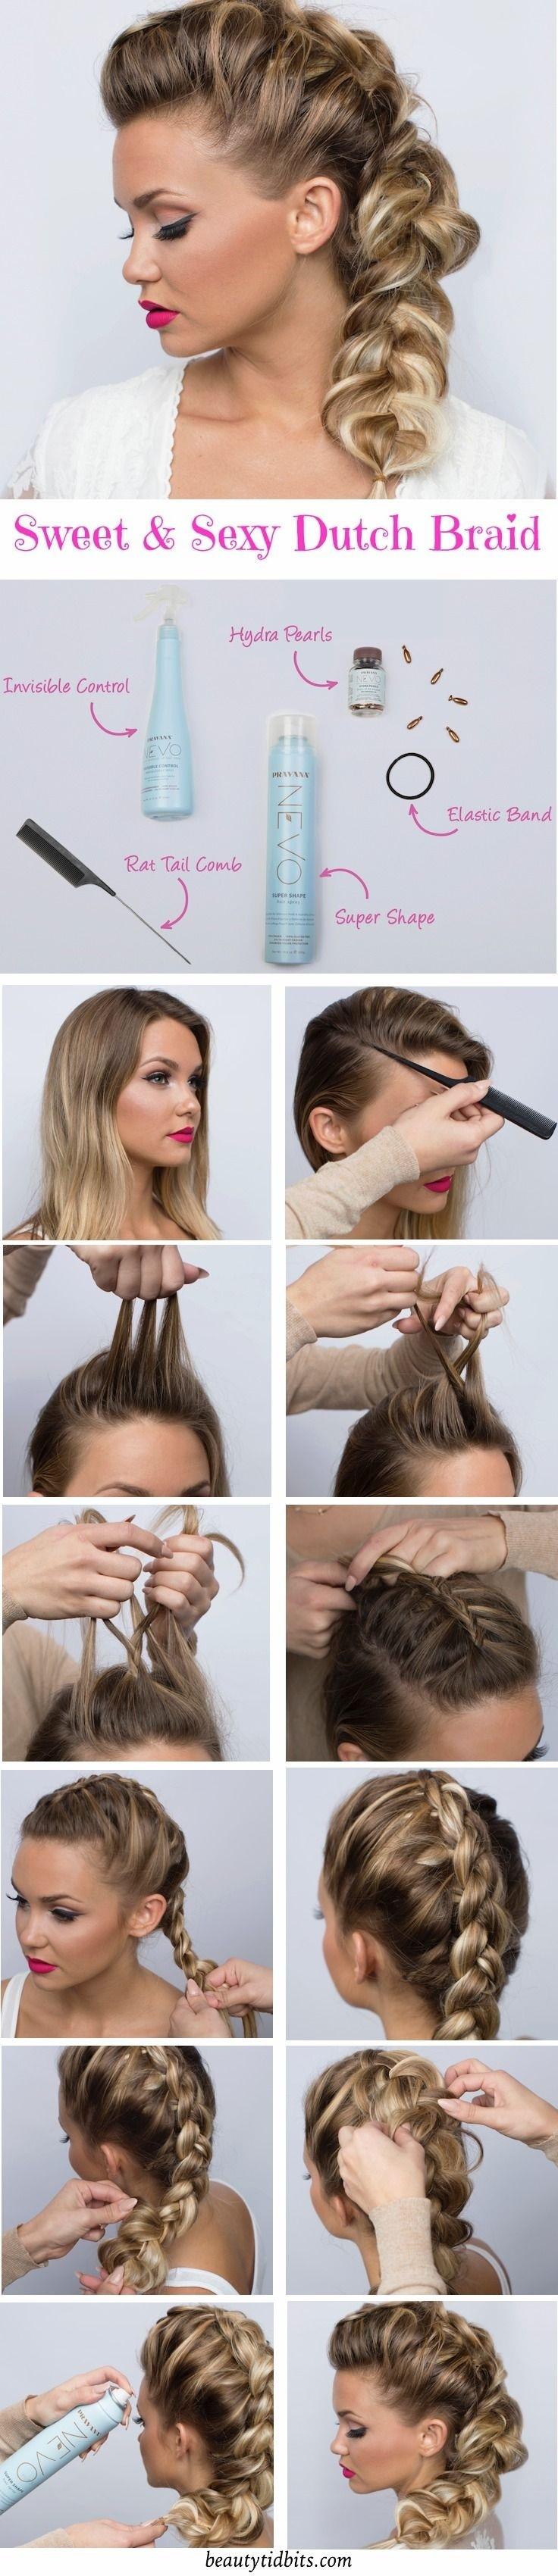 25 mod les coiffures avec tresses pour vous inspirer coiffure simple et facile. Black Bedroom Furniture Sets. Home Design Ideas